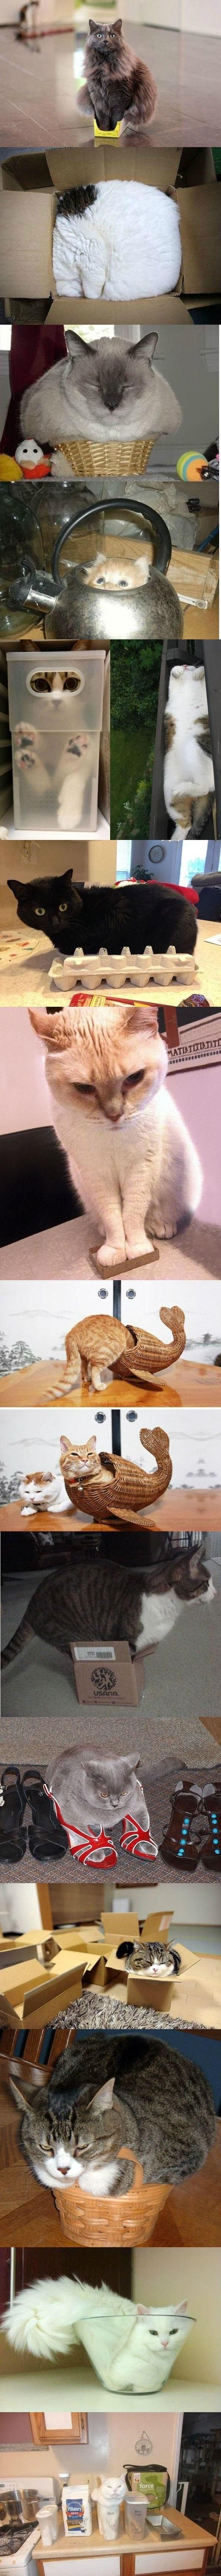 котейка коробки коты